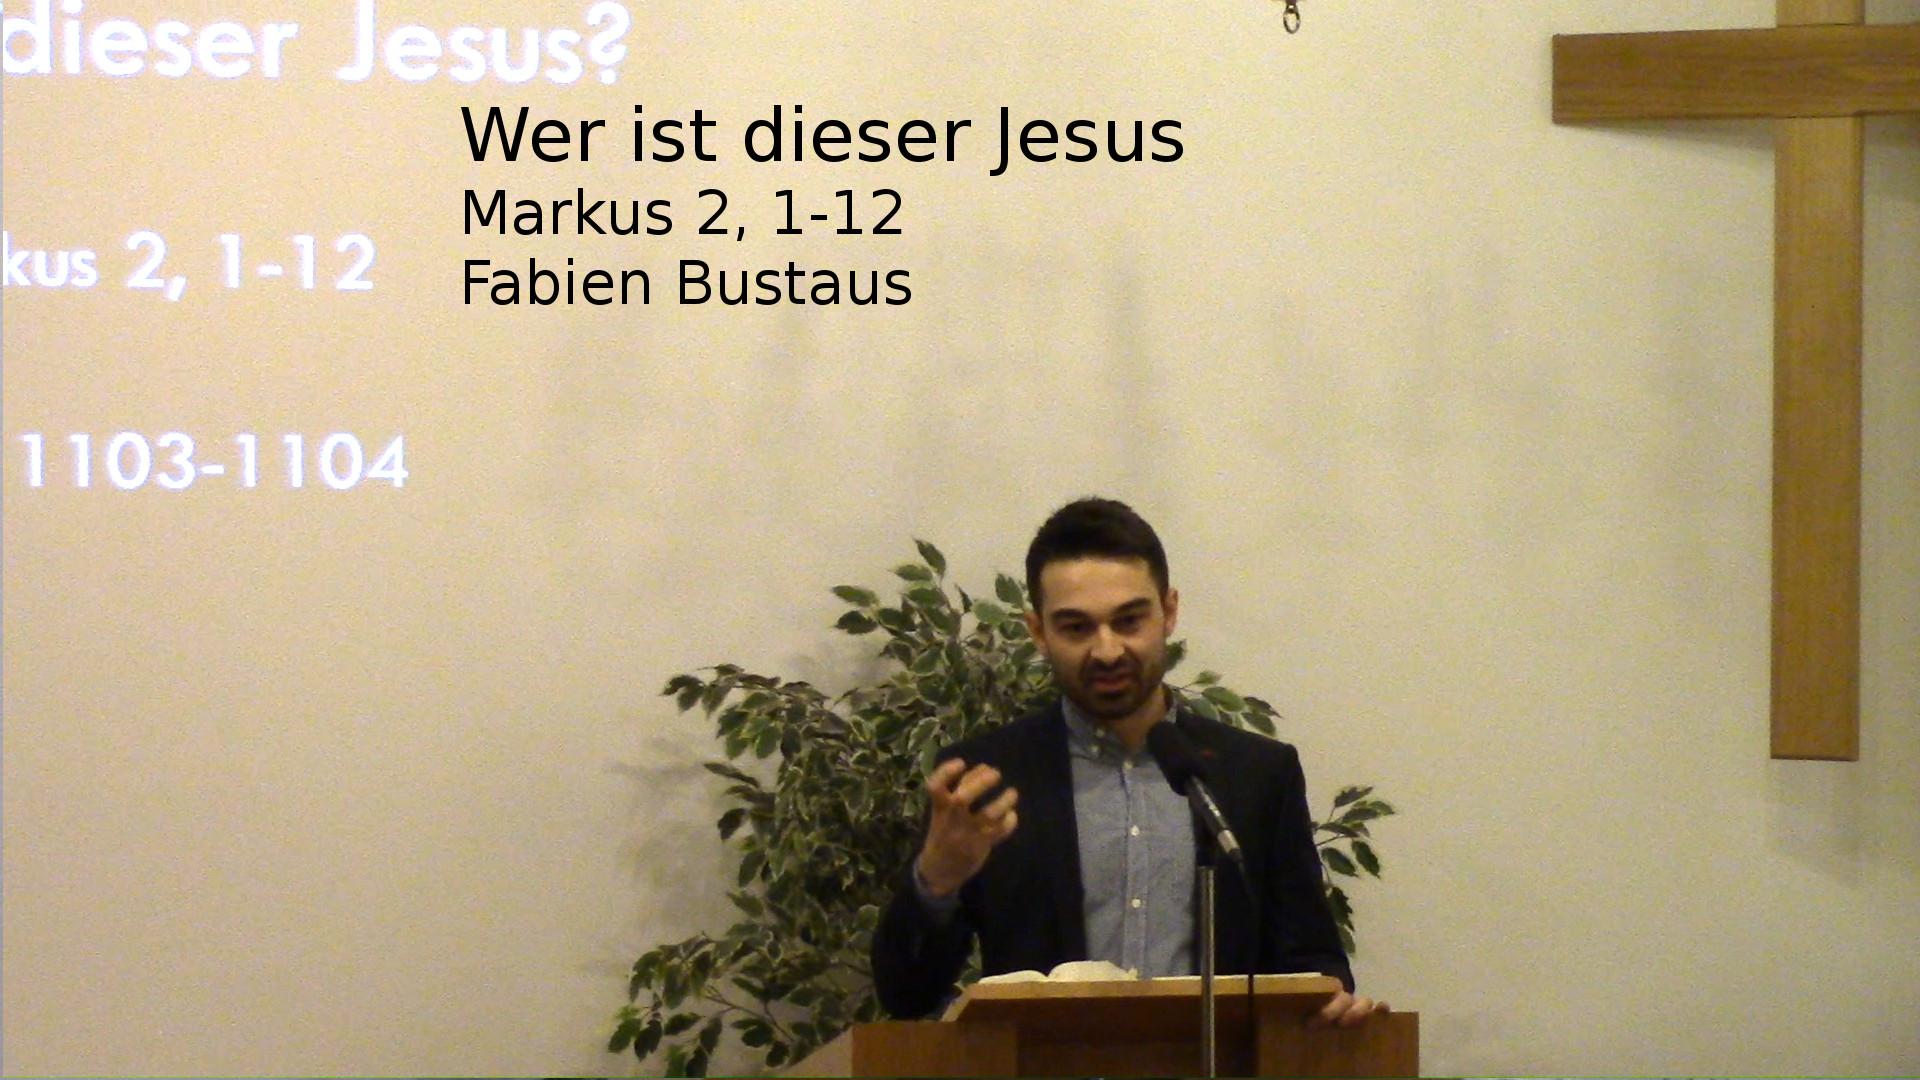 Wer ist dieser Jesus